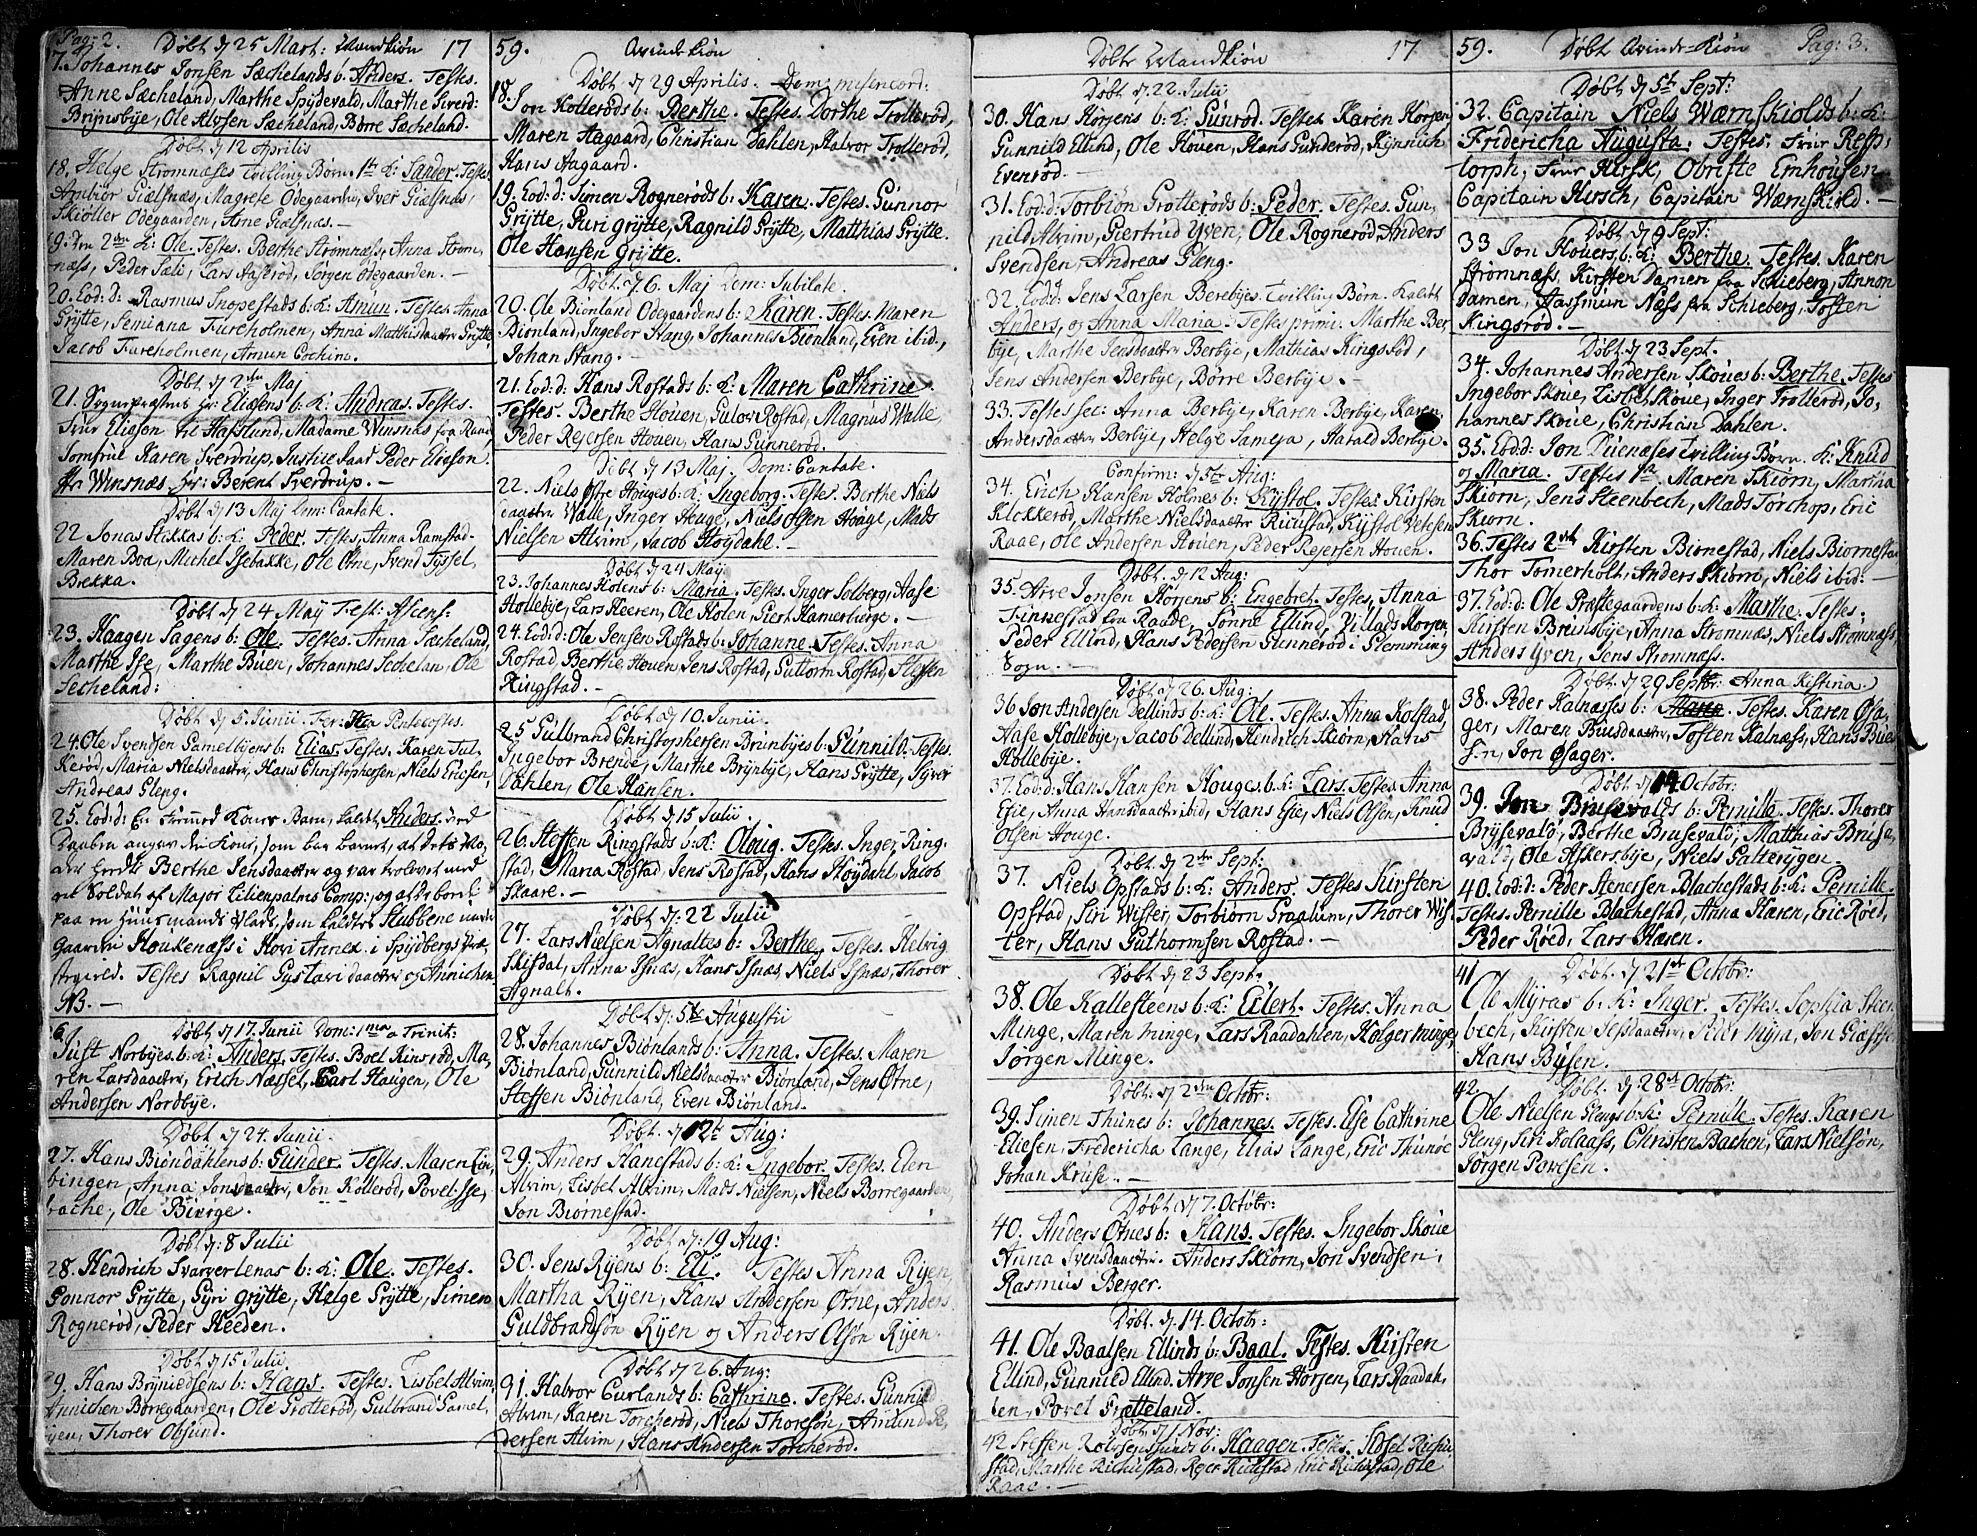 SAO, Tune prestekontor Kirkebøker, F/Fa/L0002: Ministerialbok nr. 2, 1758-1781, s. 2-3